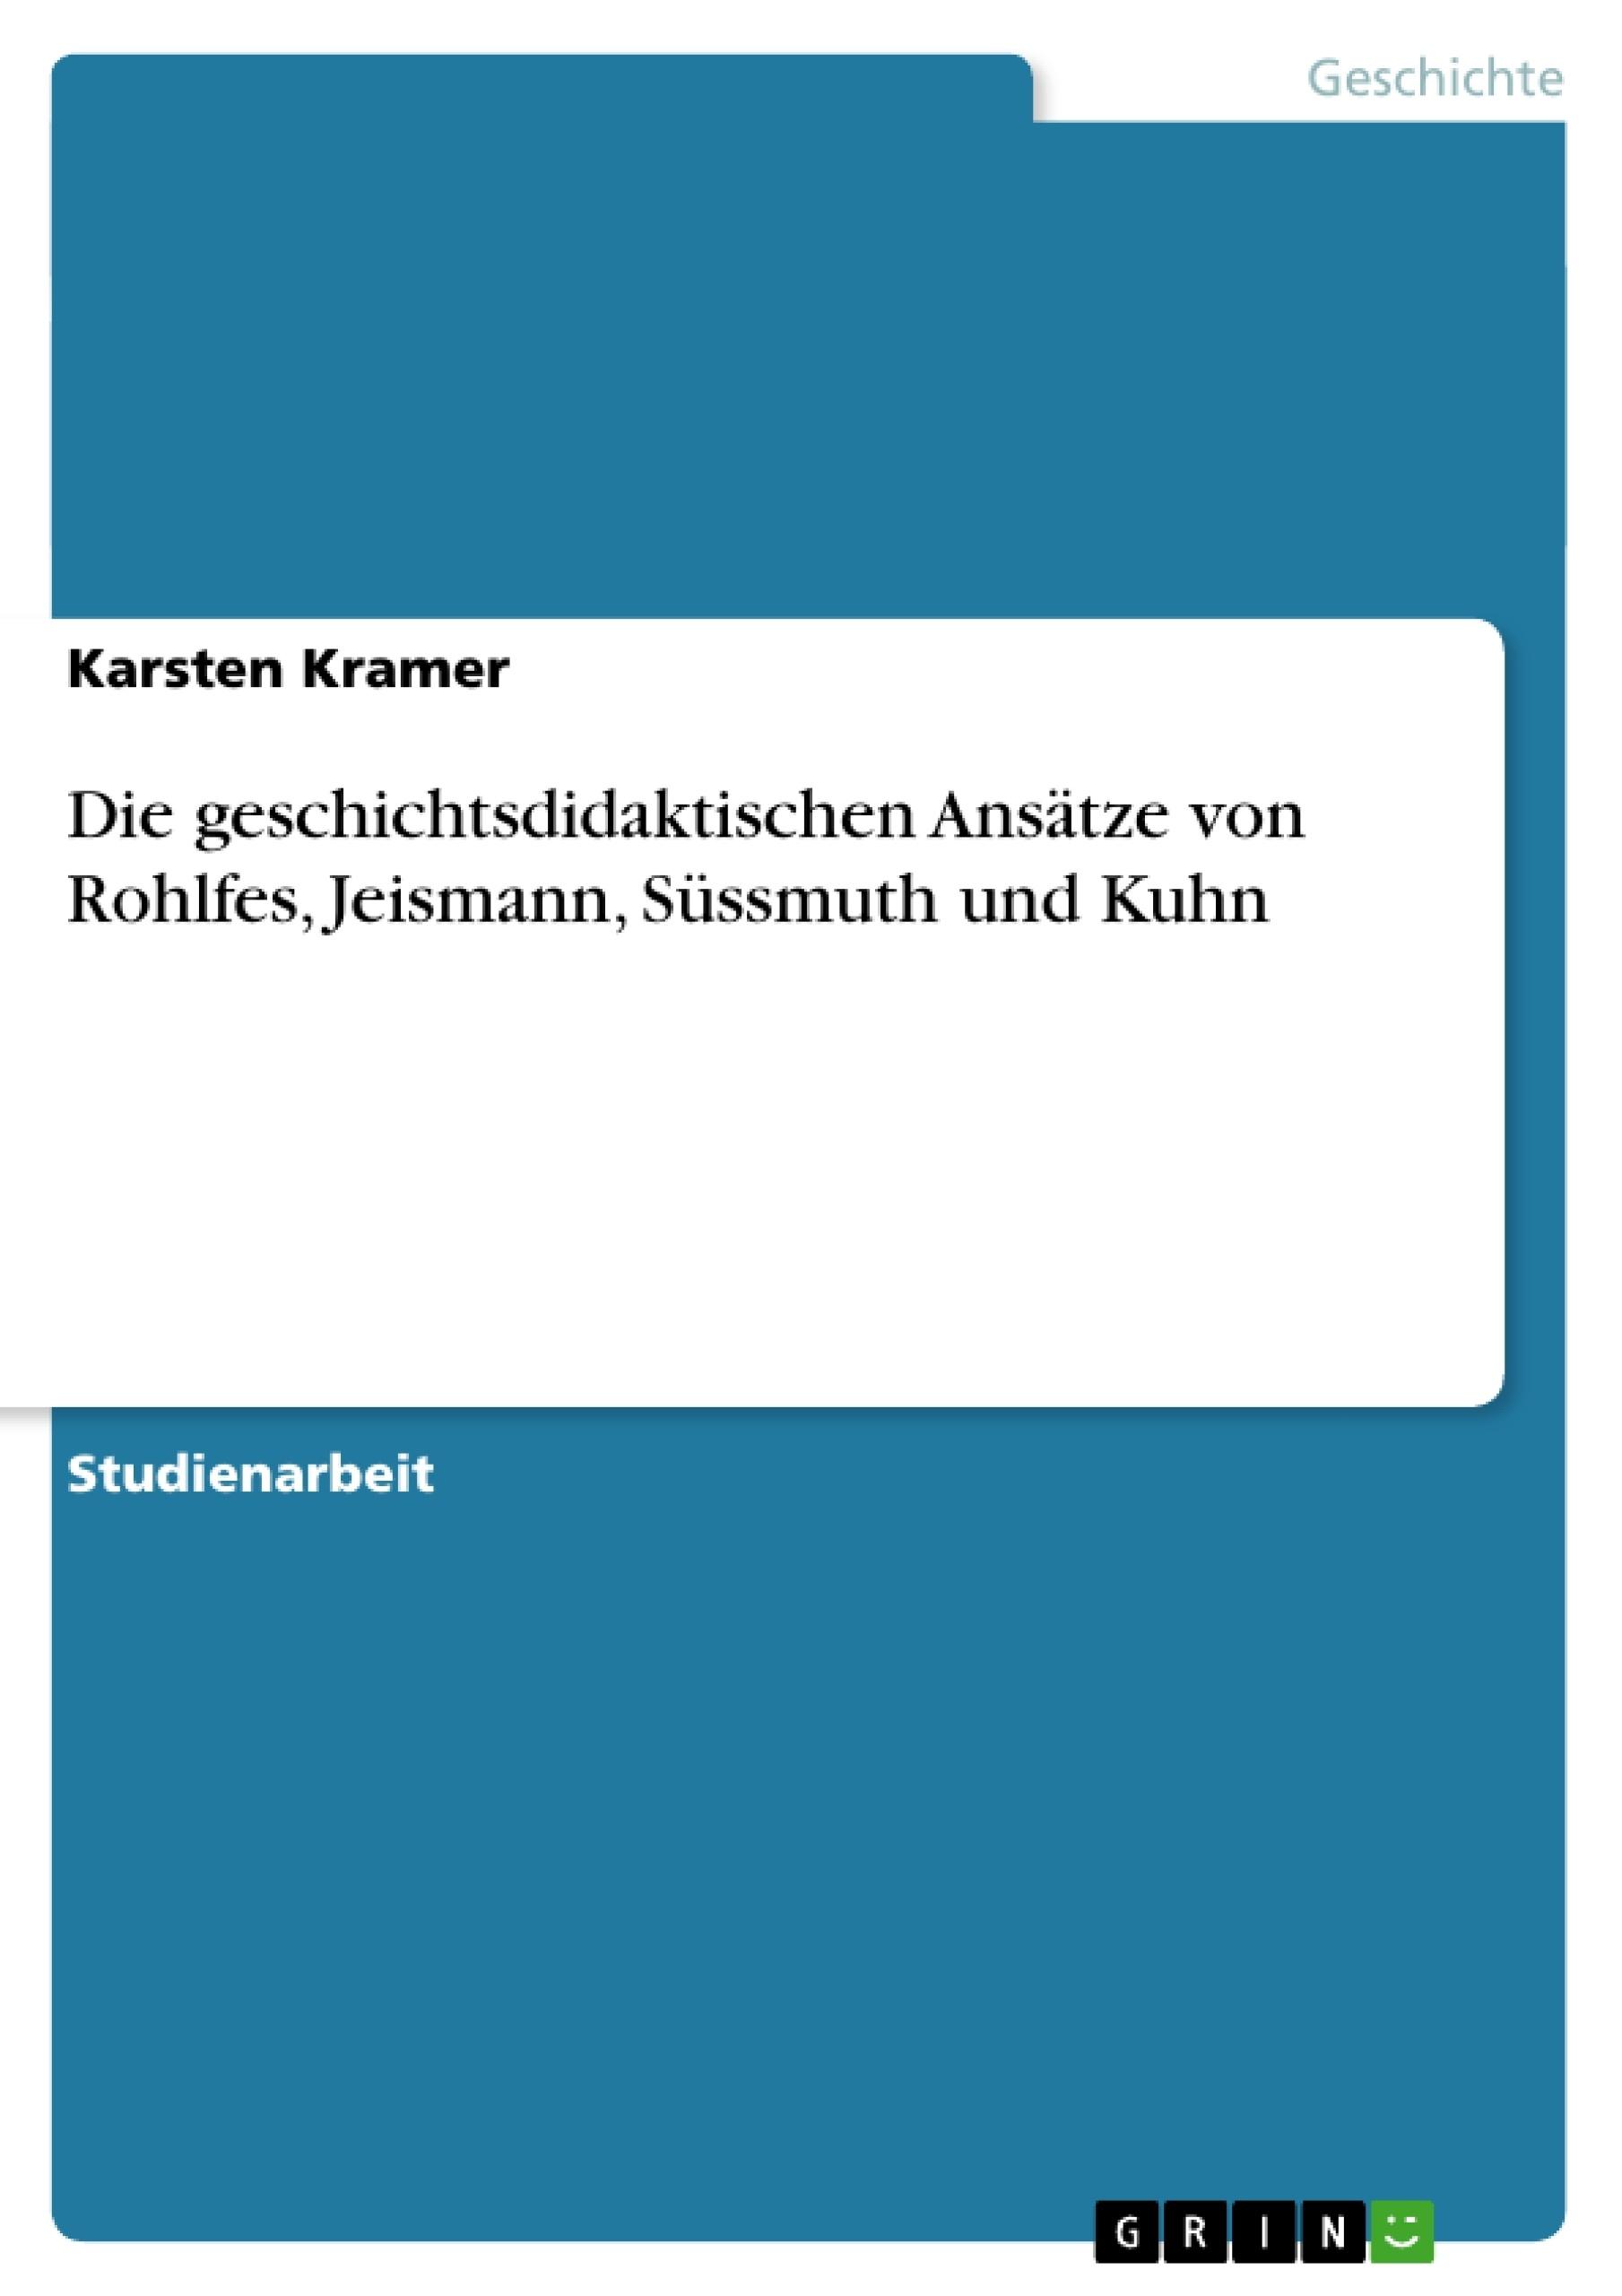 Titel: Die geschichtsdidaktischen Ansätze von Rohlfes, Jeismann, Süssmuth und Kuhn